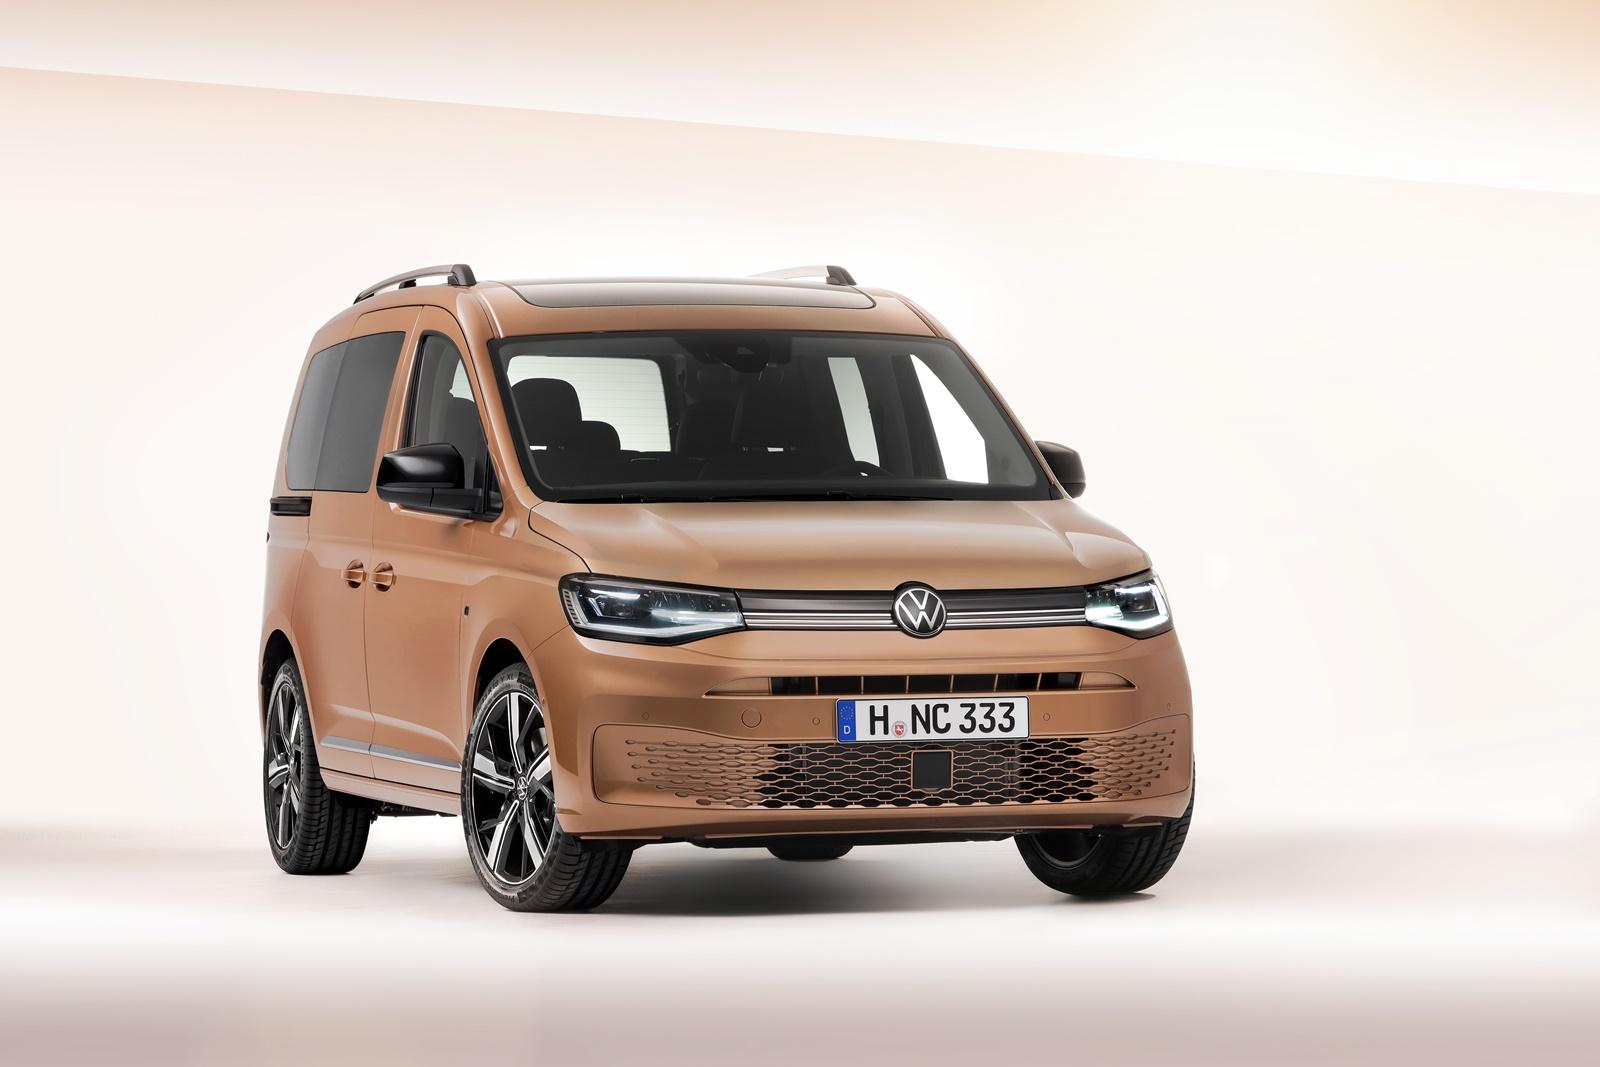 Aqui está o novo VW Caddy com plataforma MQB e estilo renovado